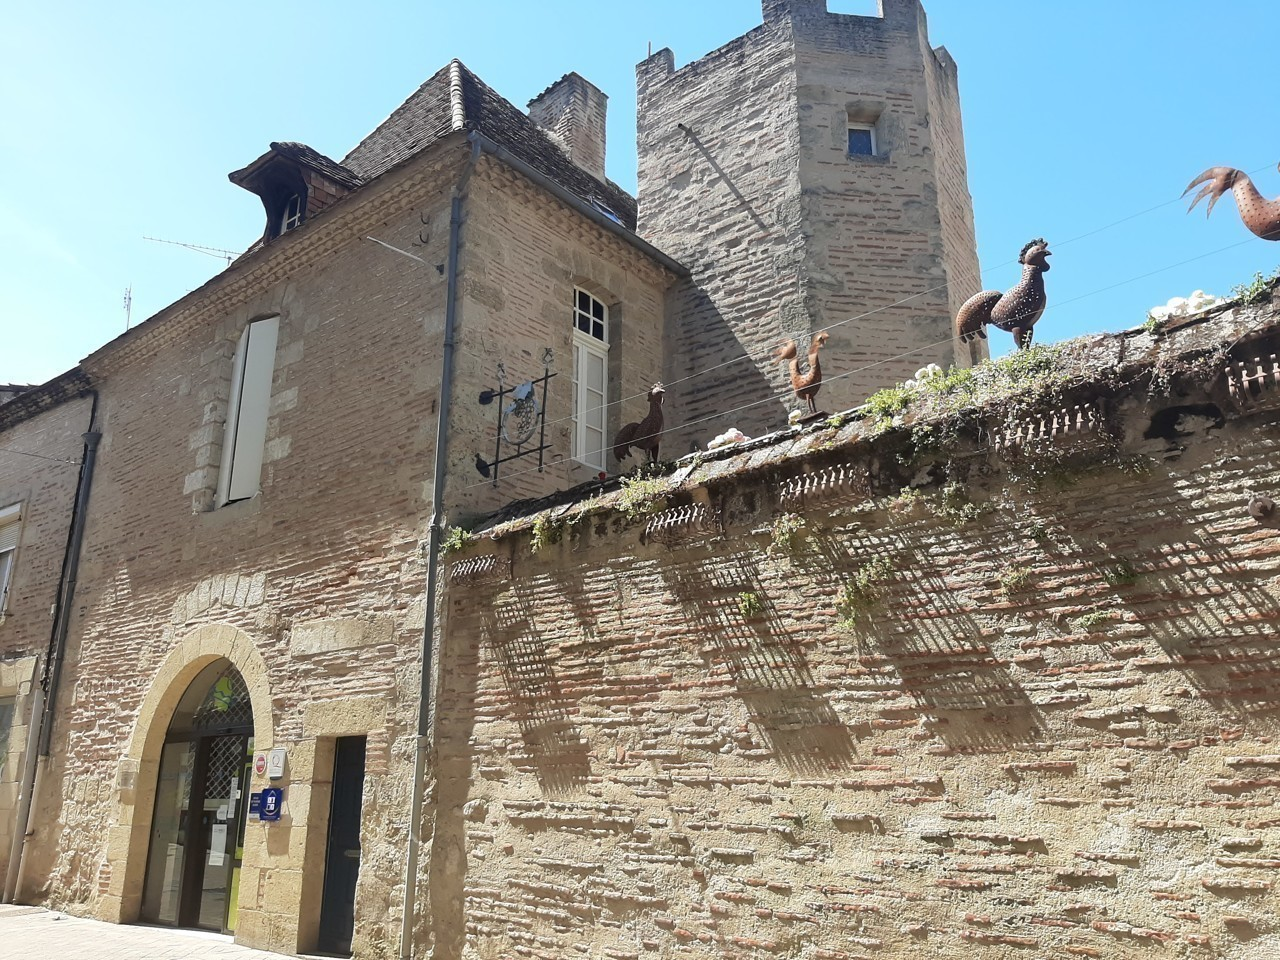 Lot et Garonne. Les Offices de tourisme de Val de Garonne de nouveau ouverts au public | Le Républicain Lot-et-Garonne